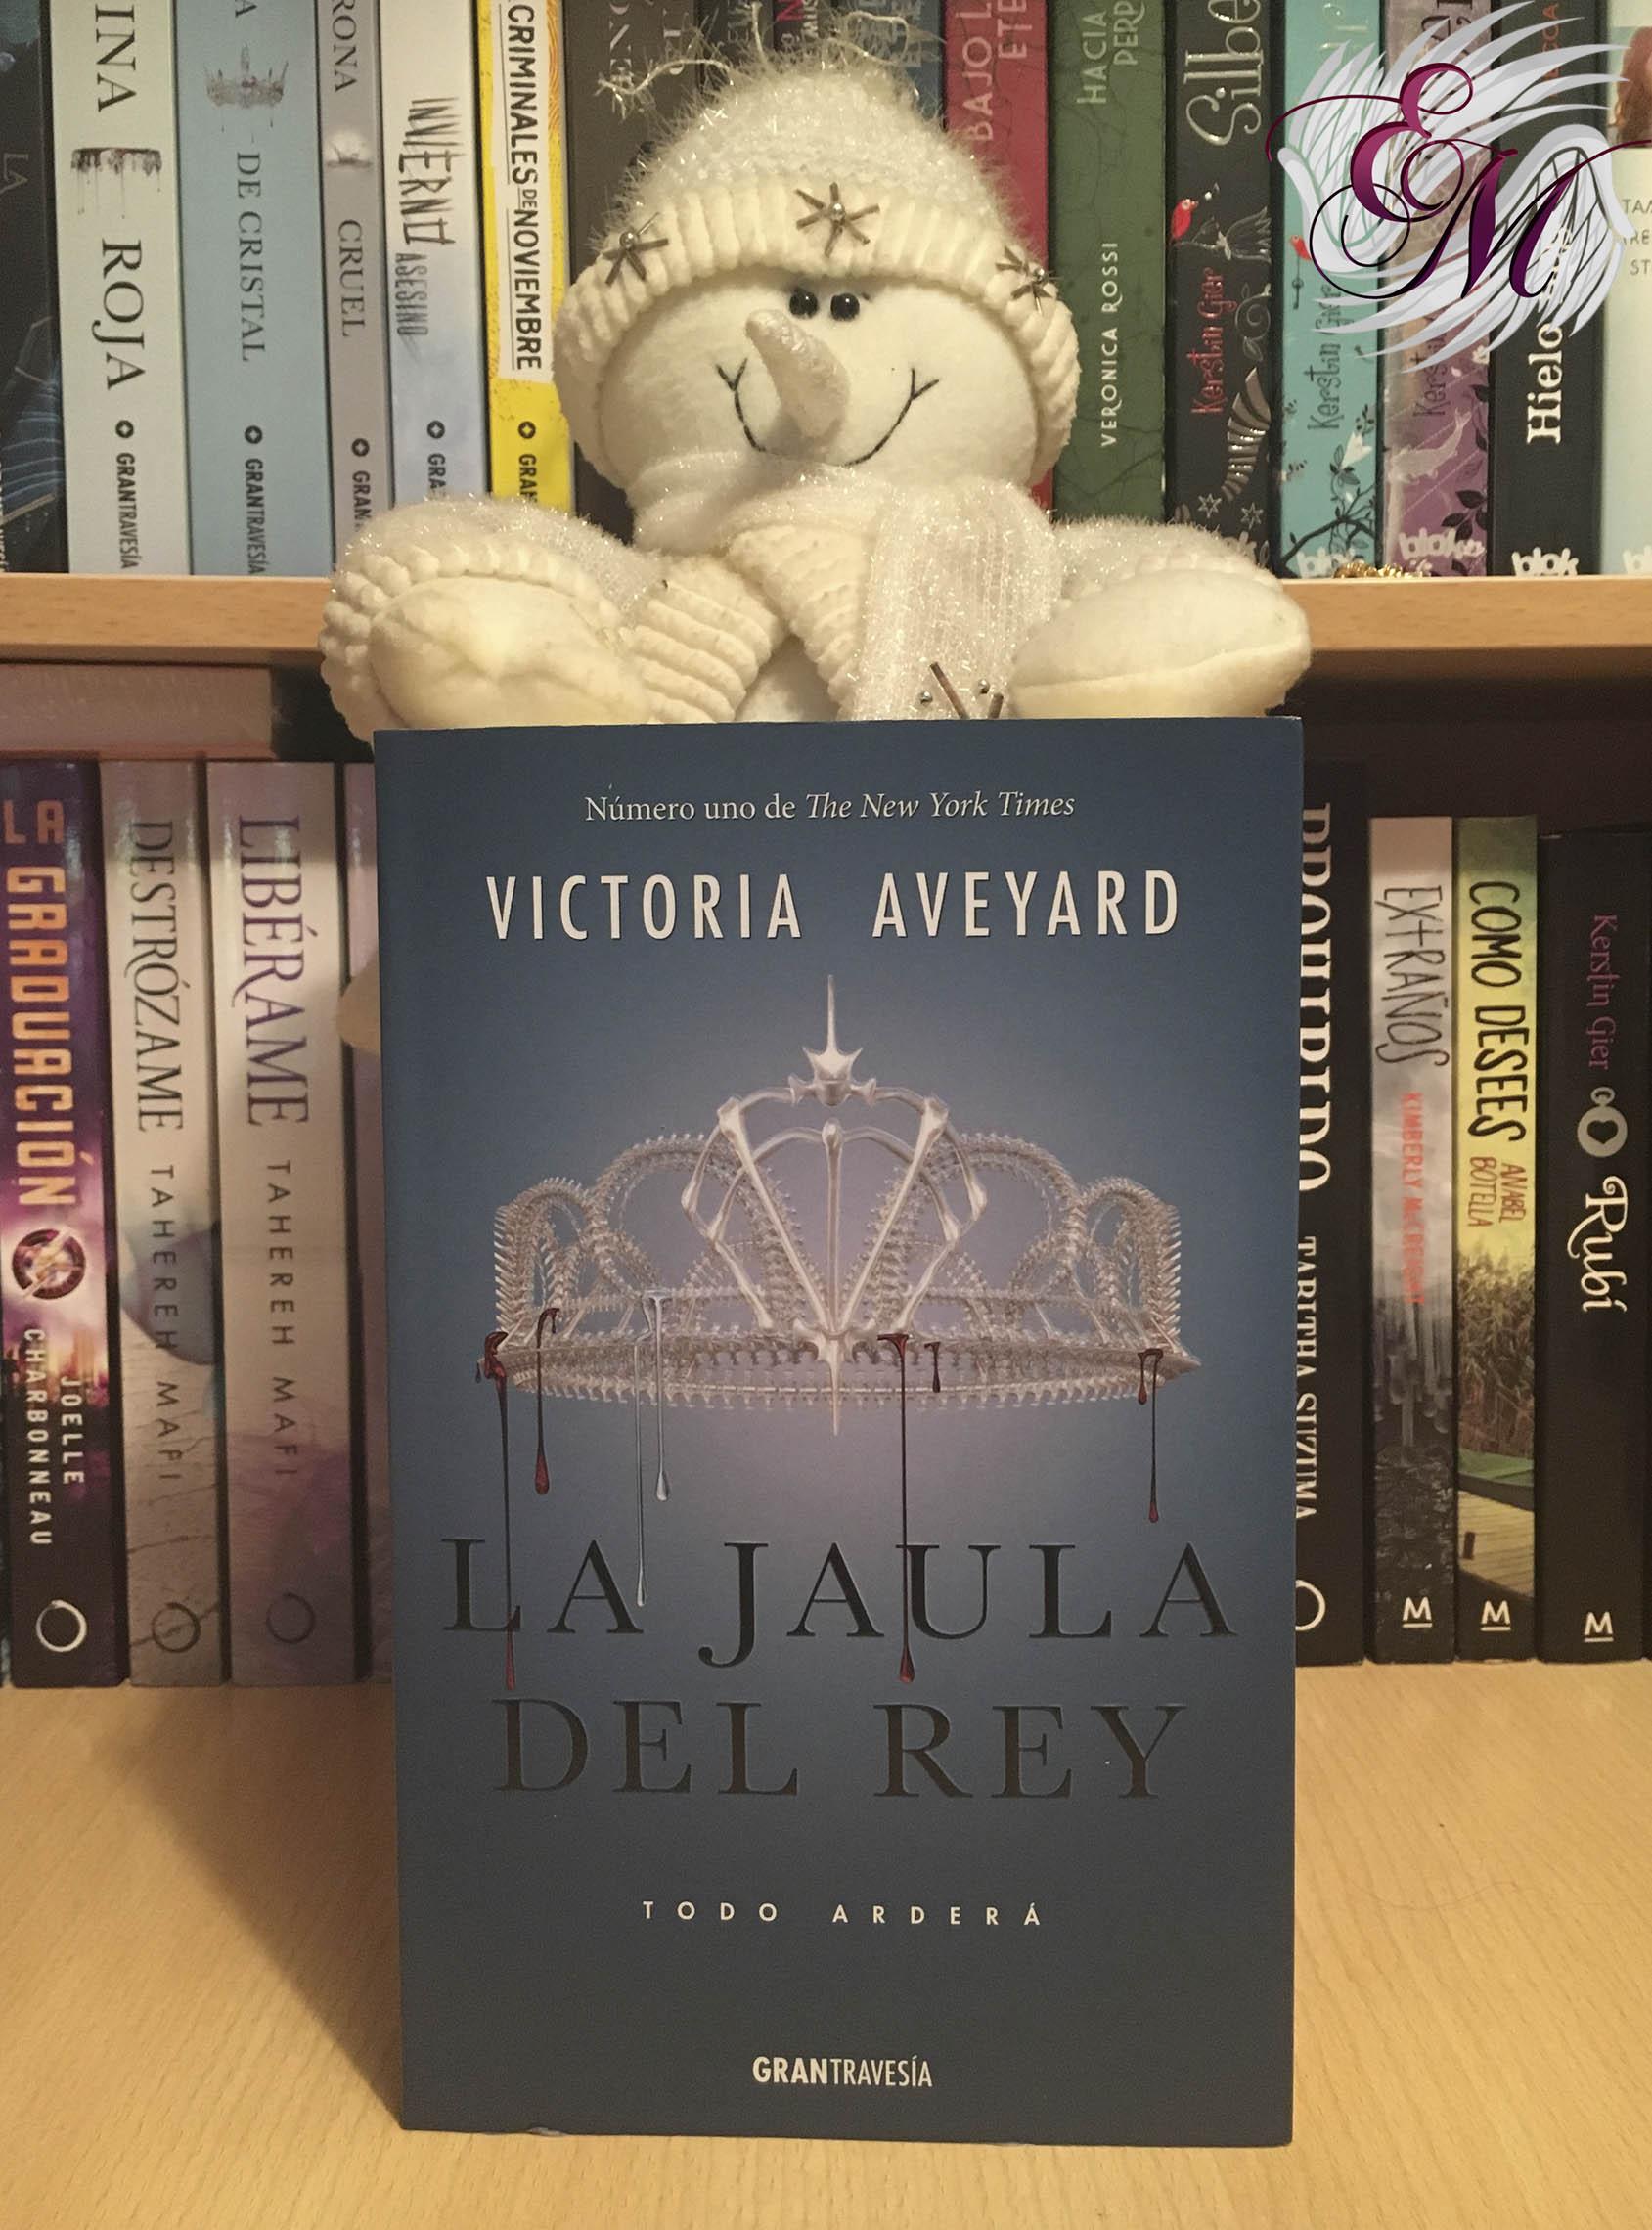 La jaula del rey, de Victoria Aveyard - Reseña